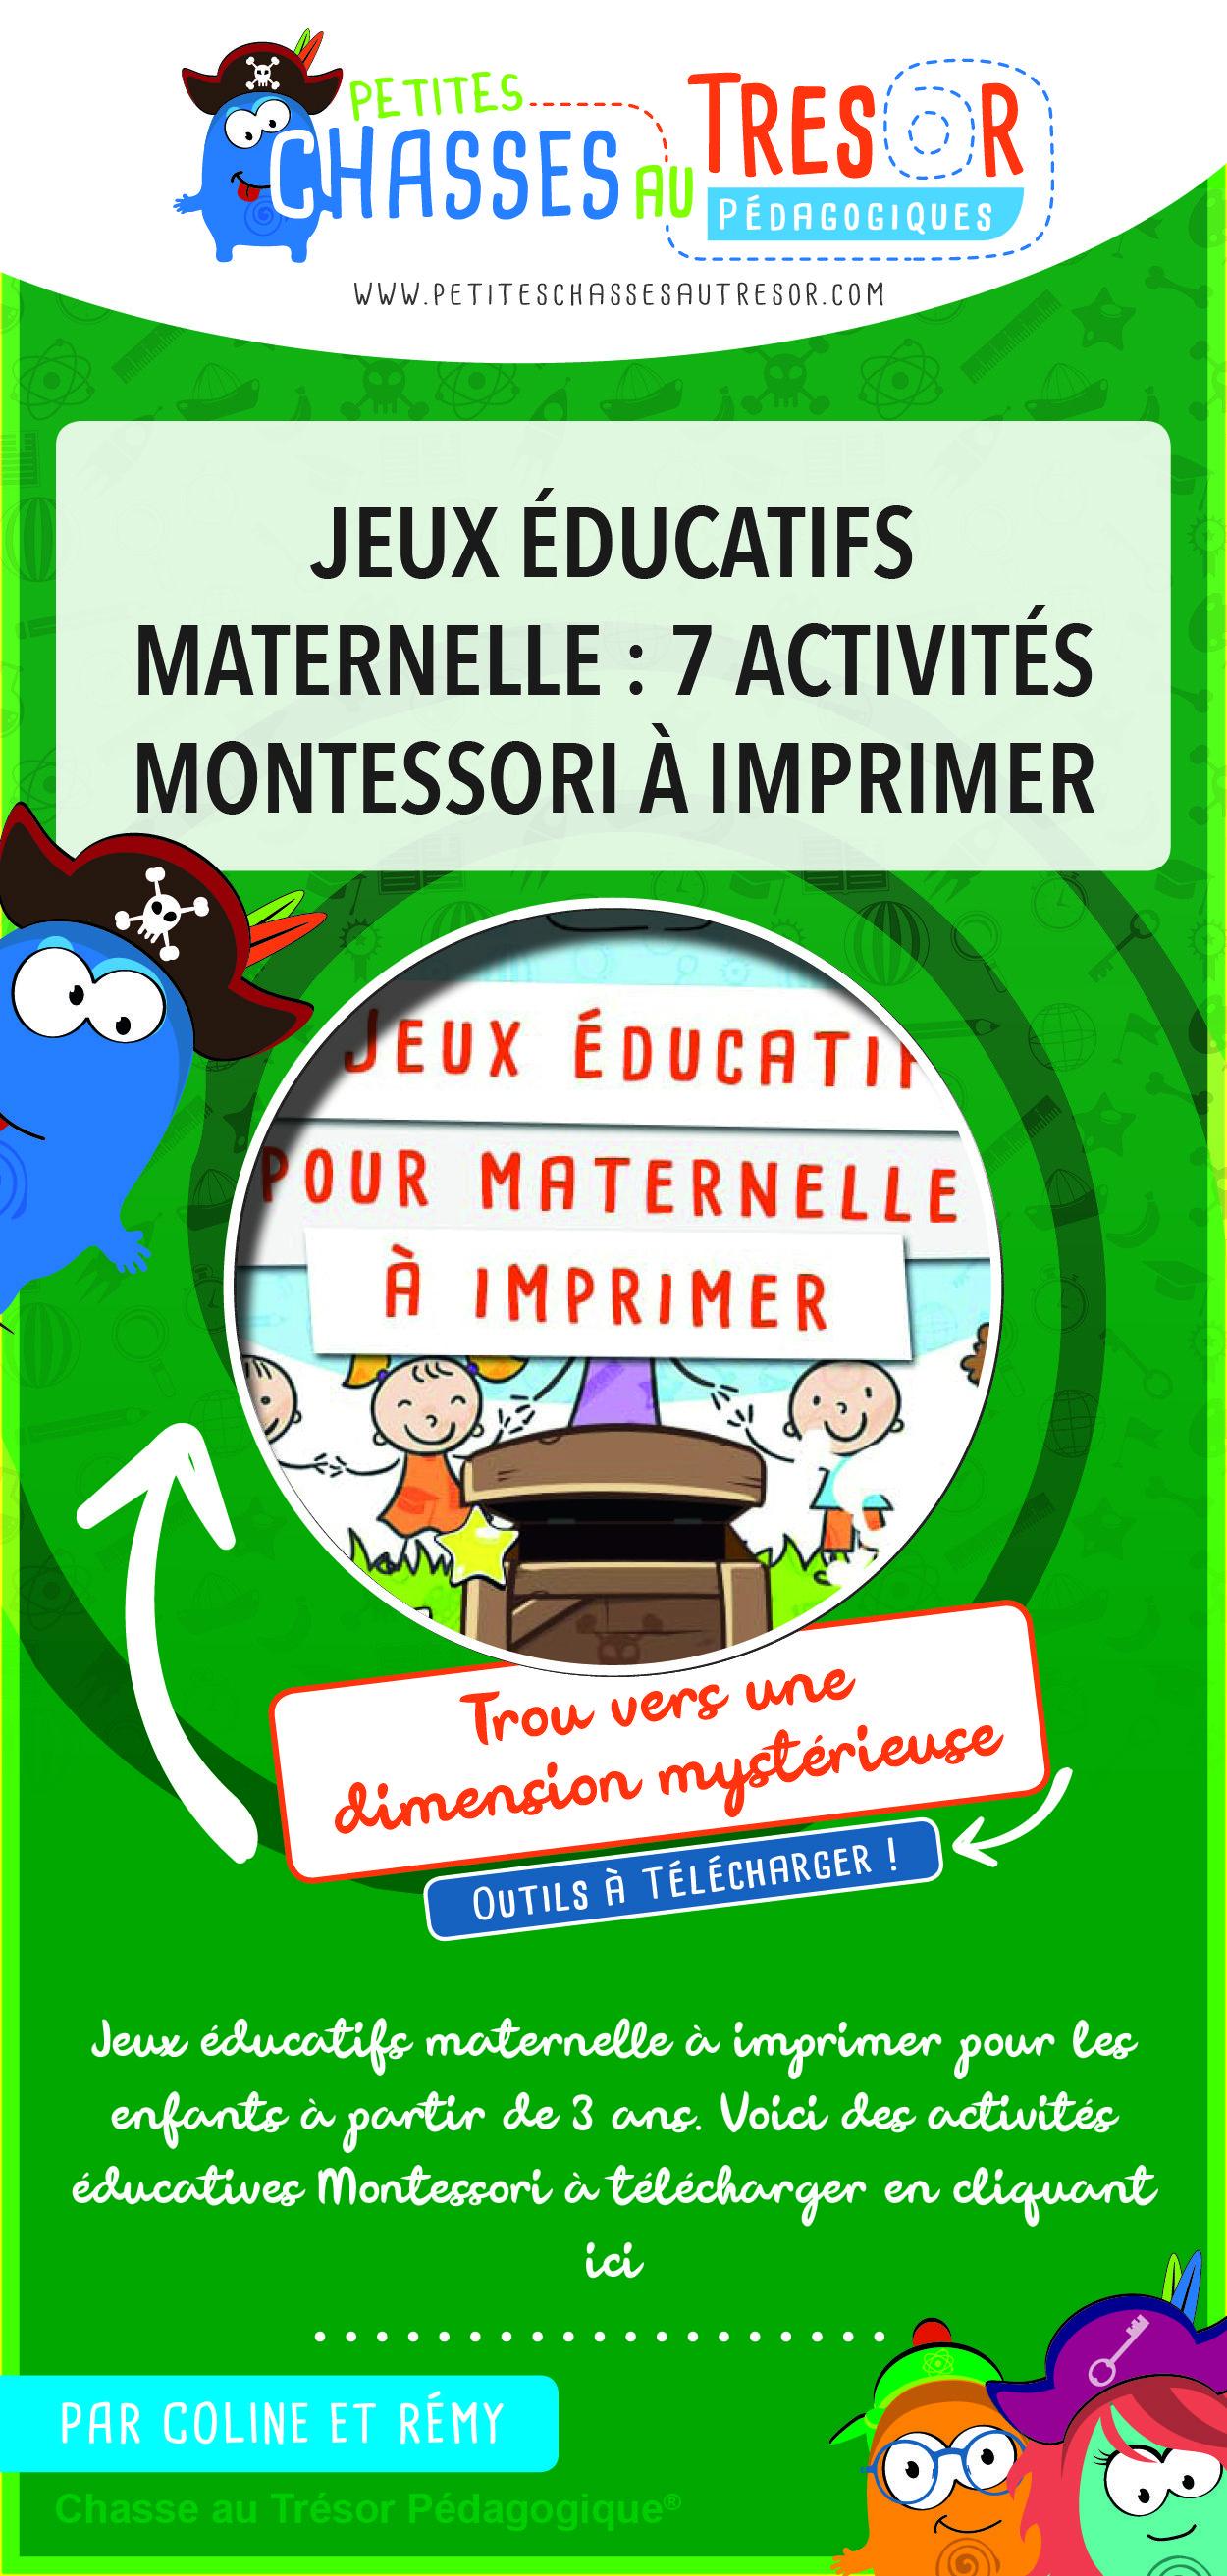 Jeux Éducatifs Maternelle 7 Activités Montessori À Imprimer destiné Jeux Educatif 3 Ans